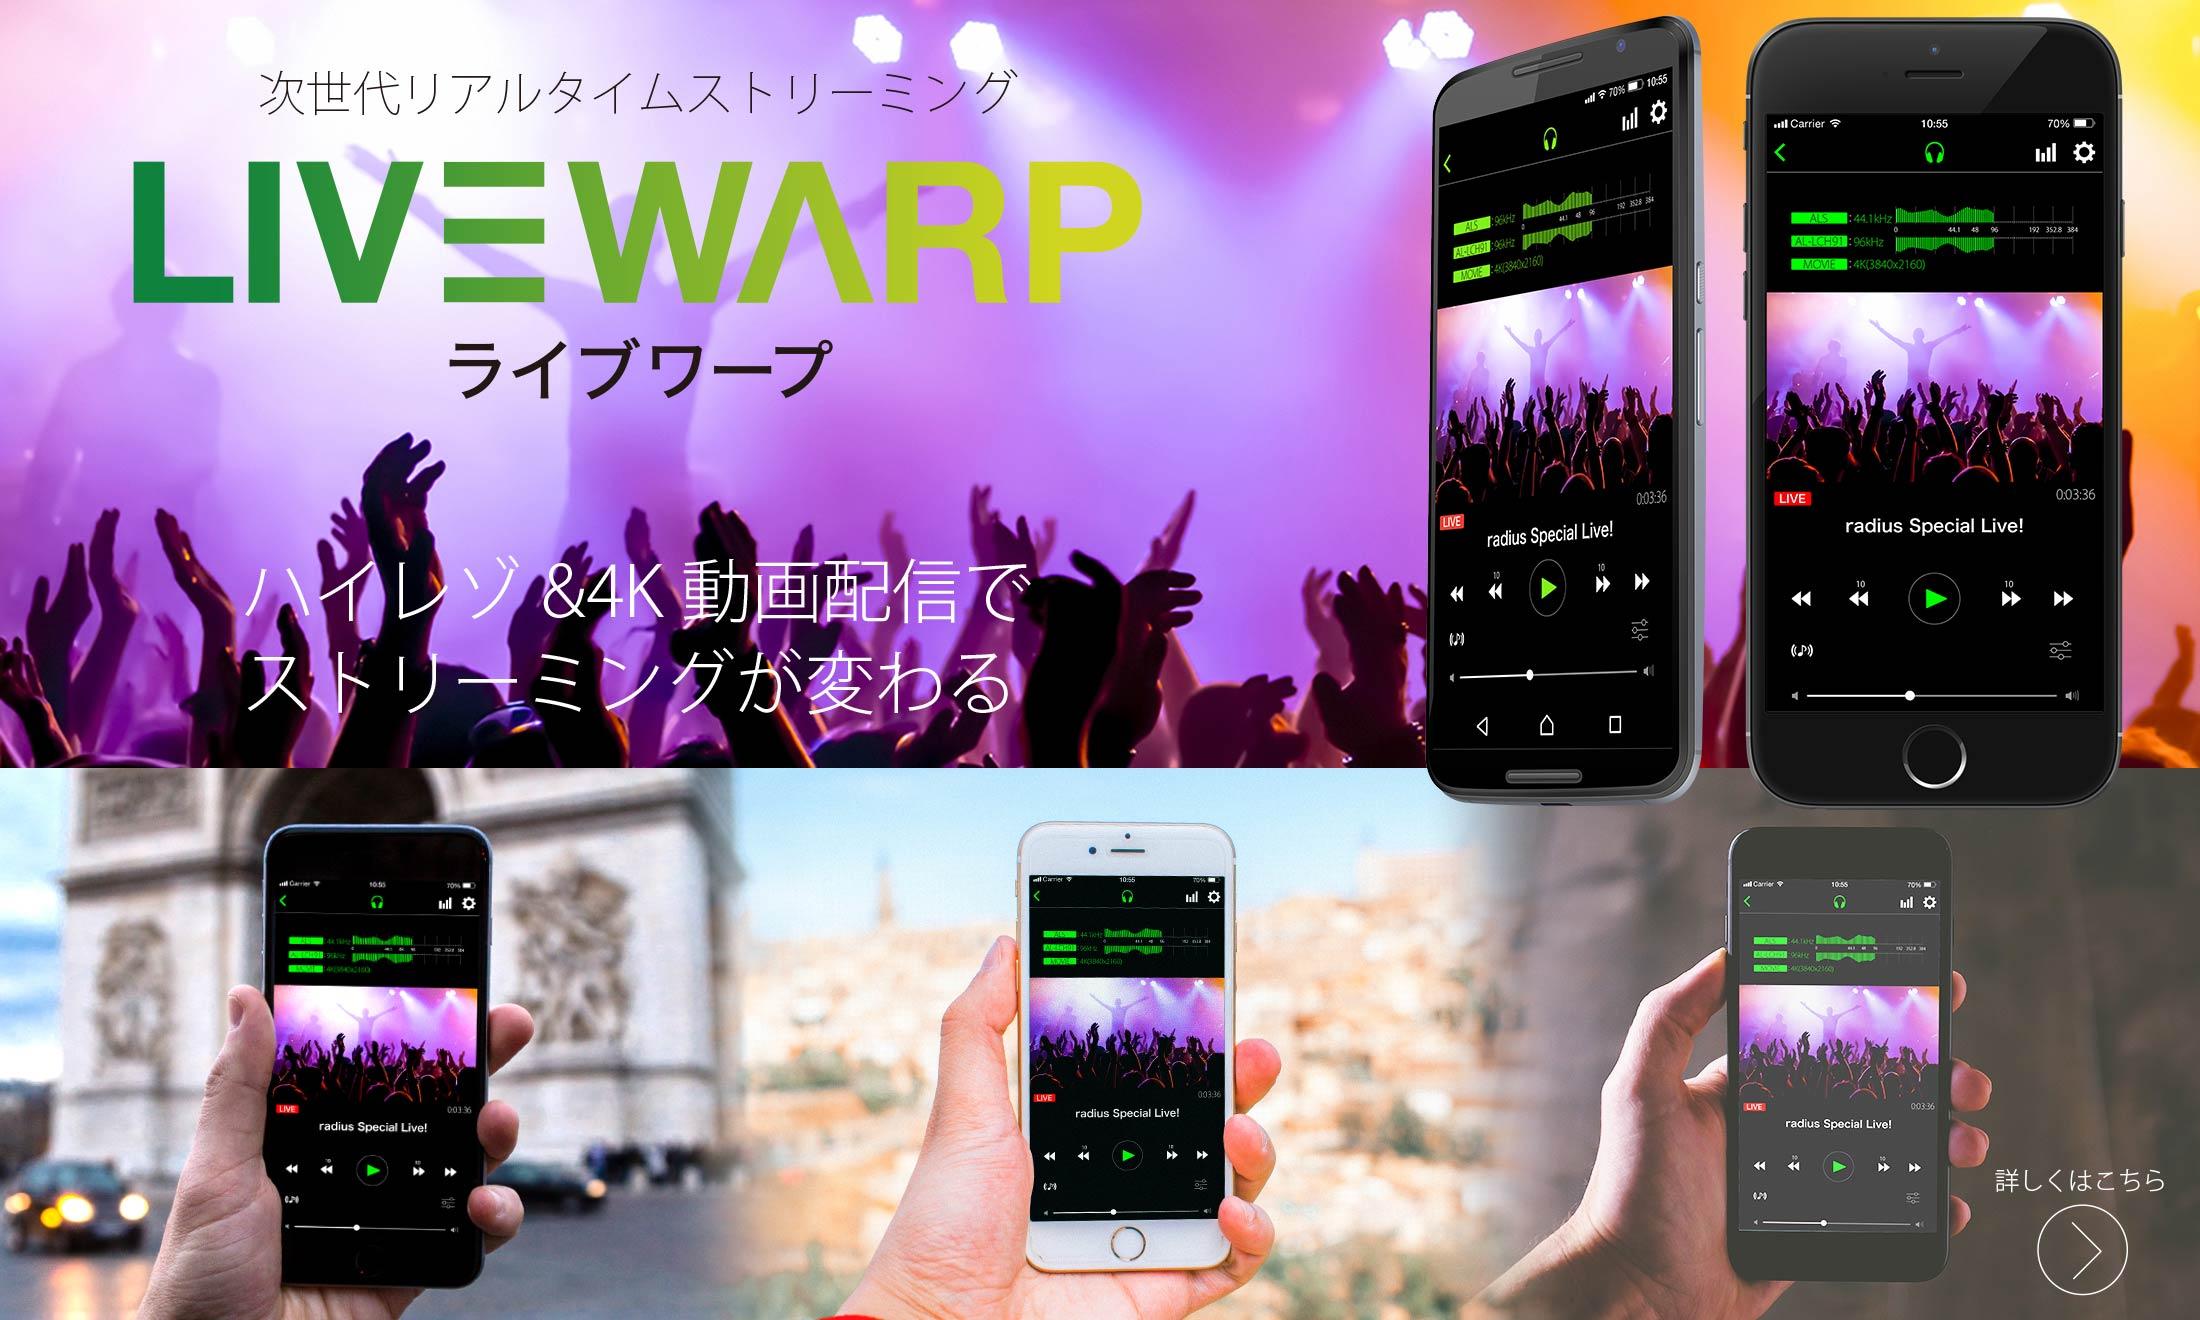 LIVEWARP